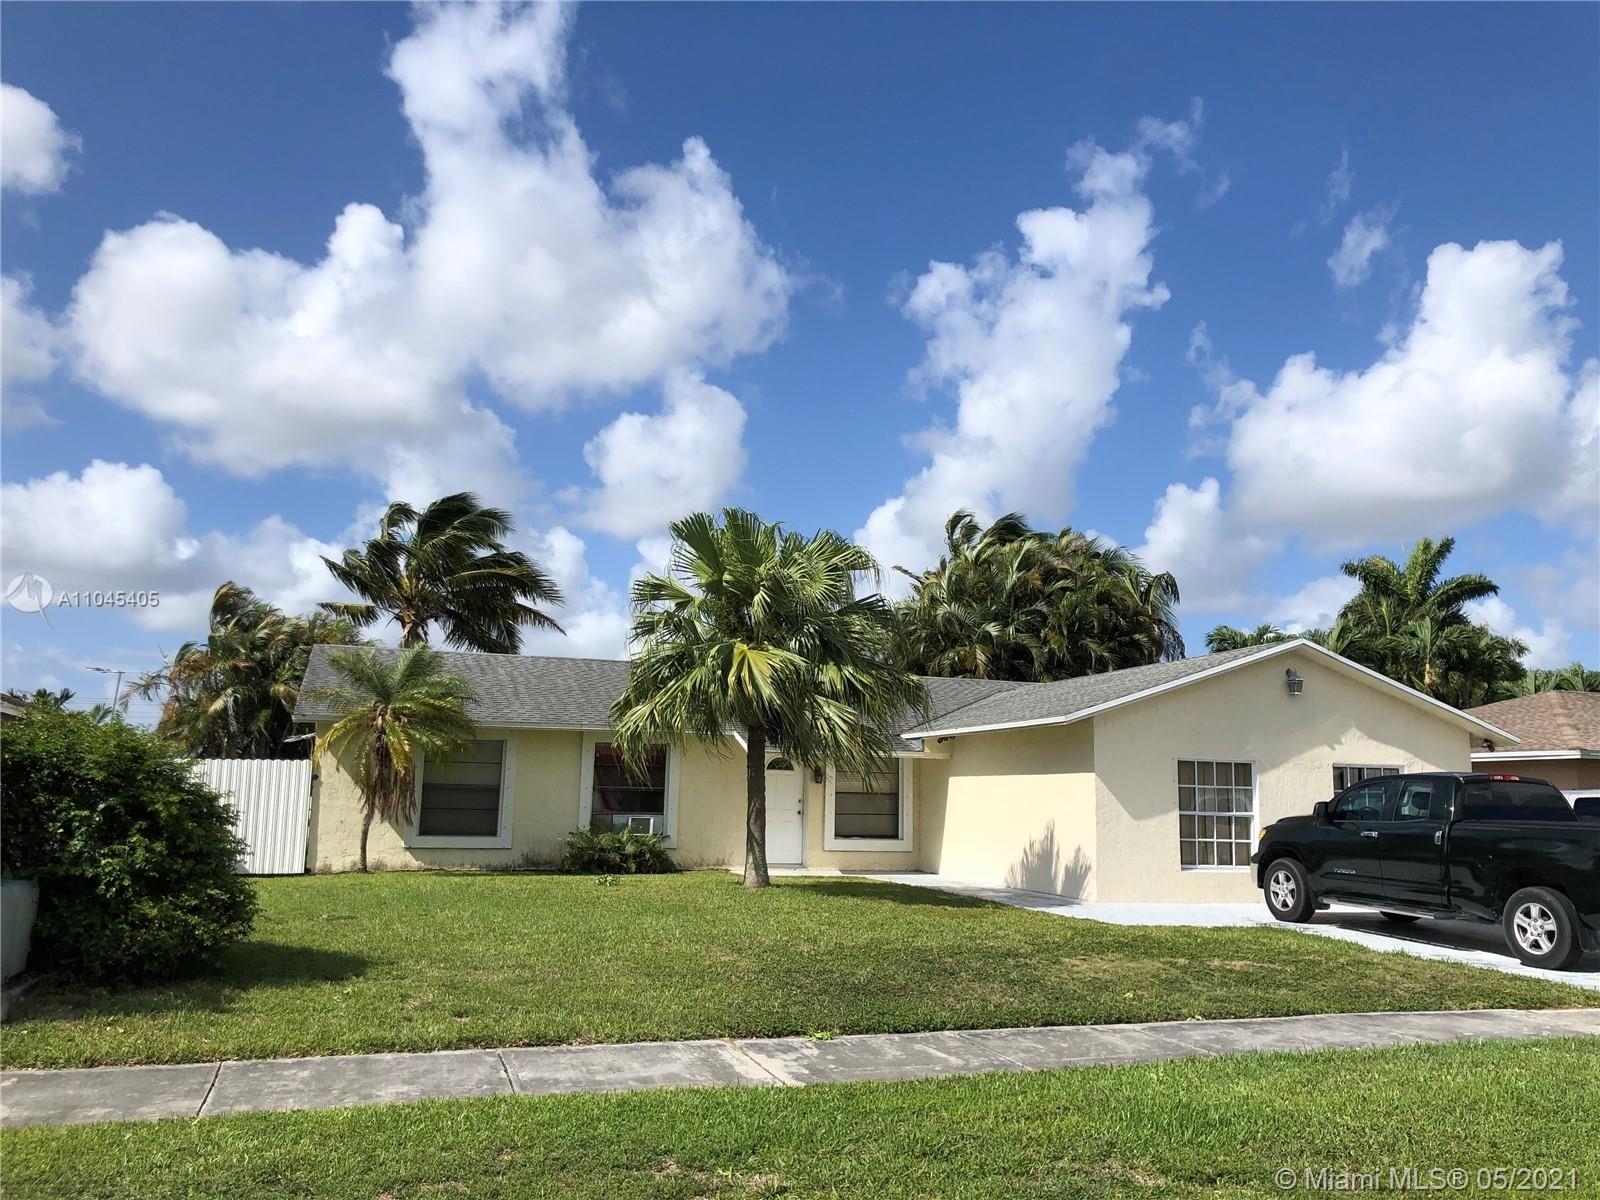 13430 SW 82nd St, Miami, FL 33183 - #: A11045405